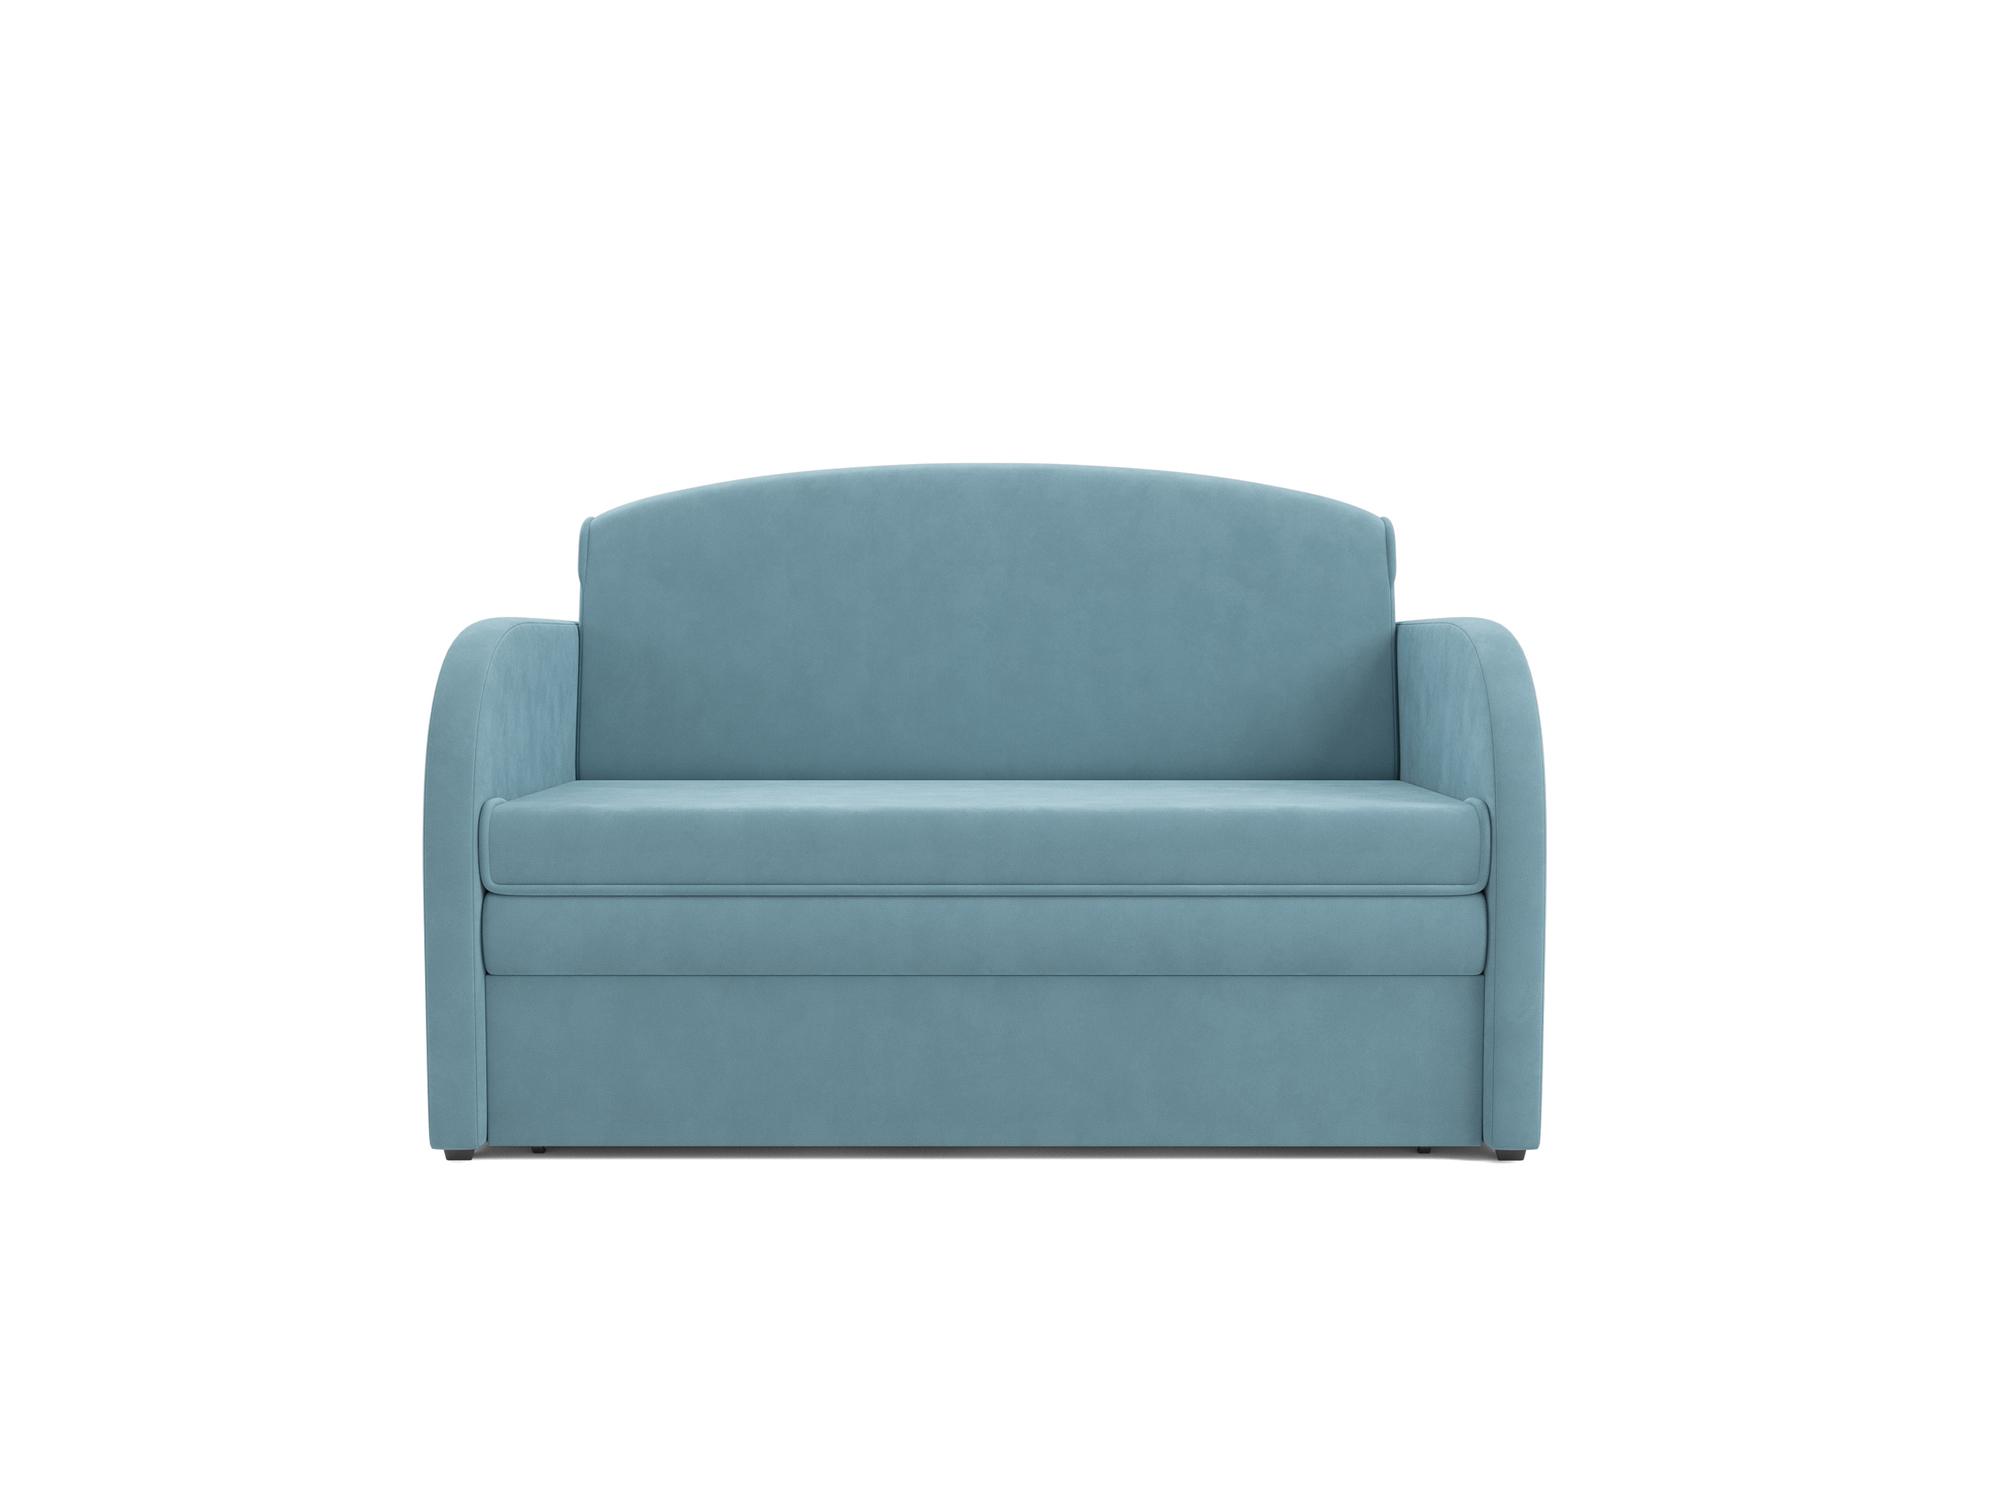 Фото - Диван Малютка MebelVia Голубой, Велюр, Брус сосны диван малютка 2 mebelvia синий велюр брус сосны